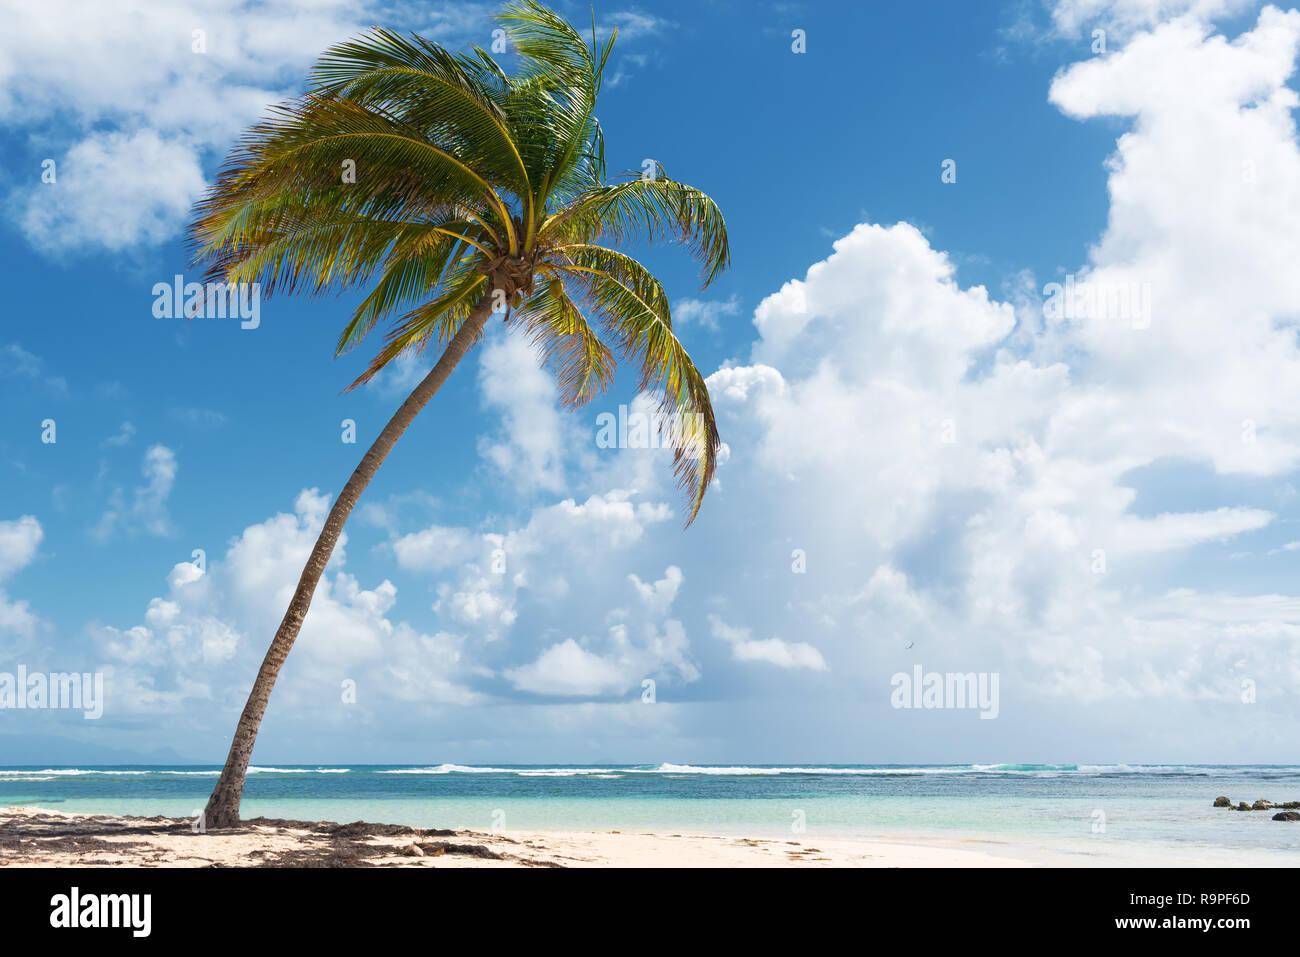 Ciel bleu,coco arbres, l'eau turquoise et le sable doré, Caravelle beach, Sainte Anne, Guadeloupe, French West Indies. Banque D'Images